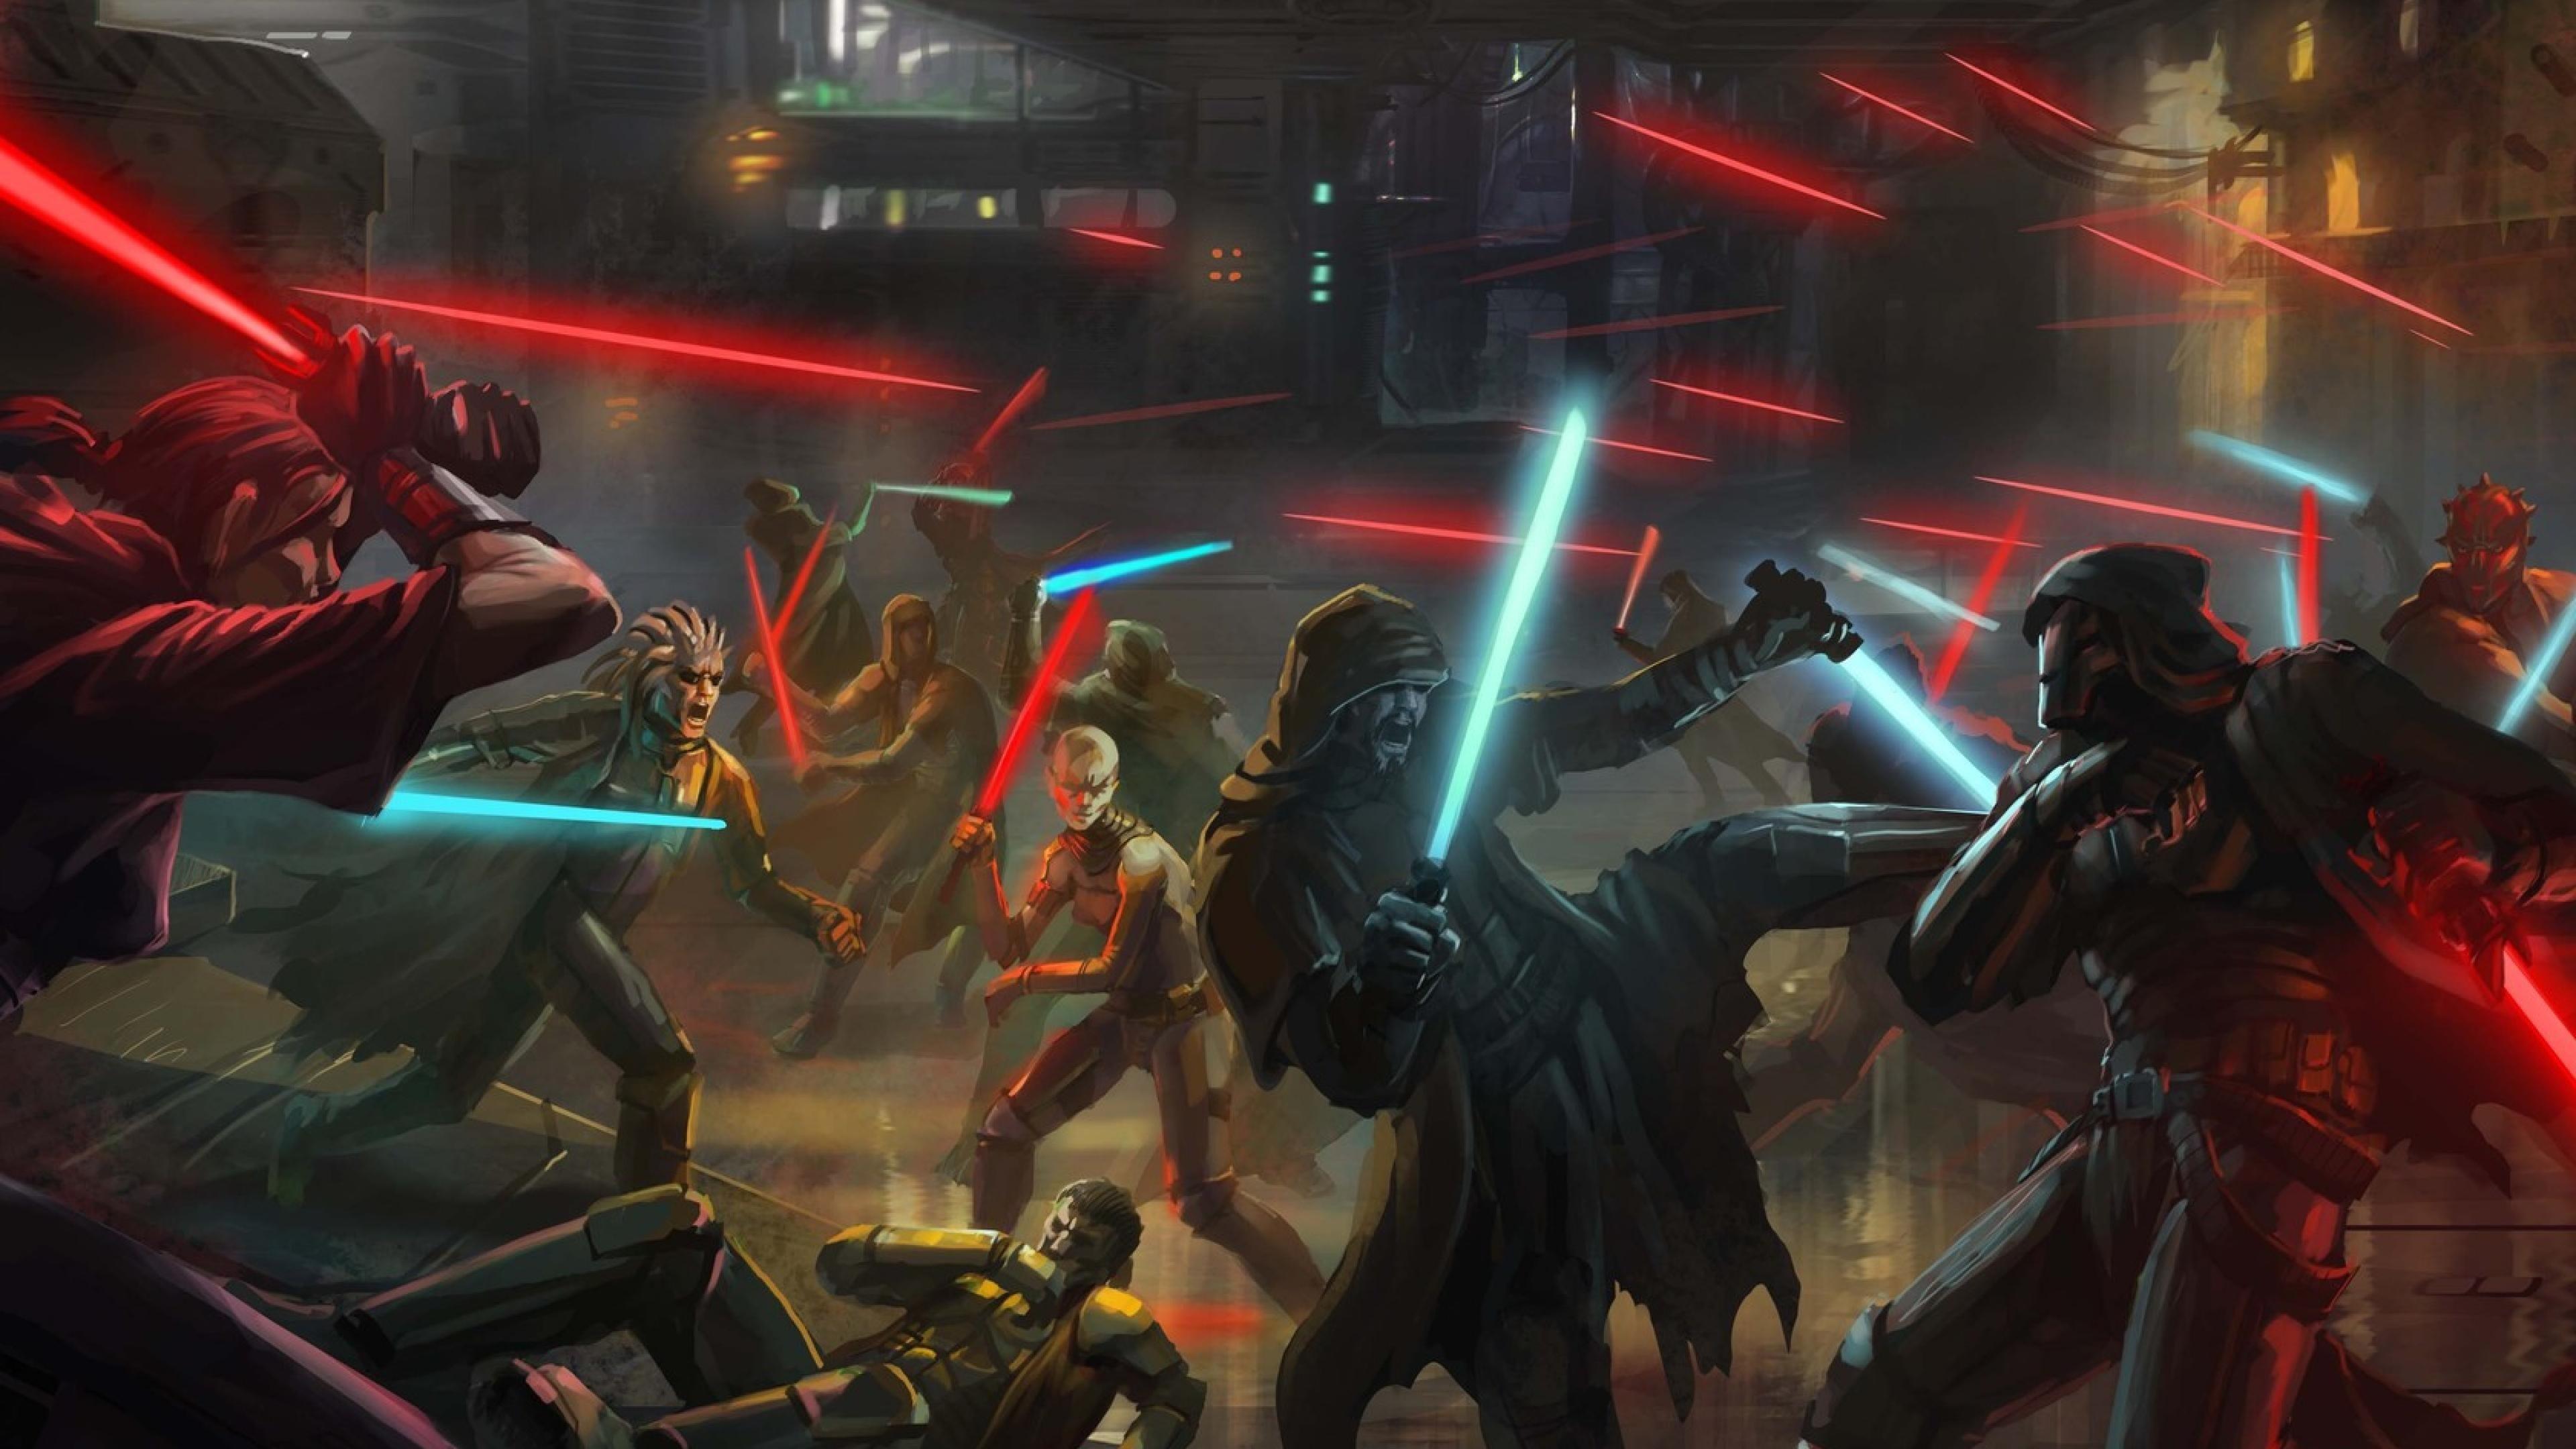 Wallpaper 3840x2160 Px Jedi Sith Star Wars Star Wars Knights